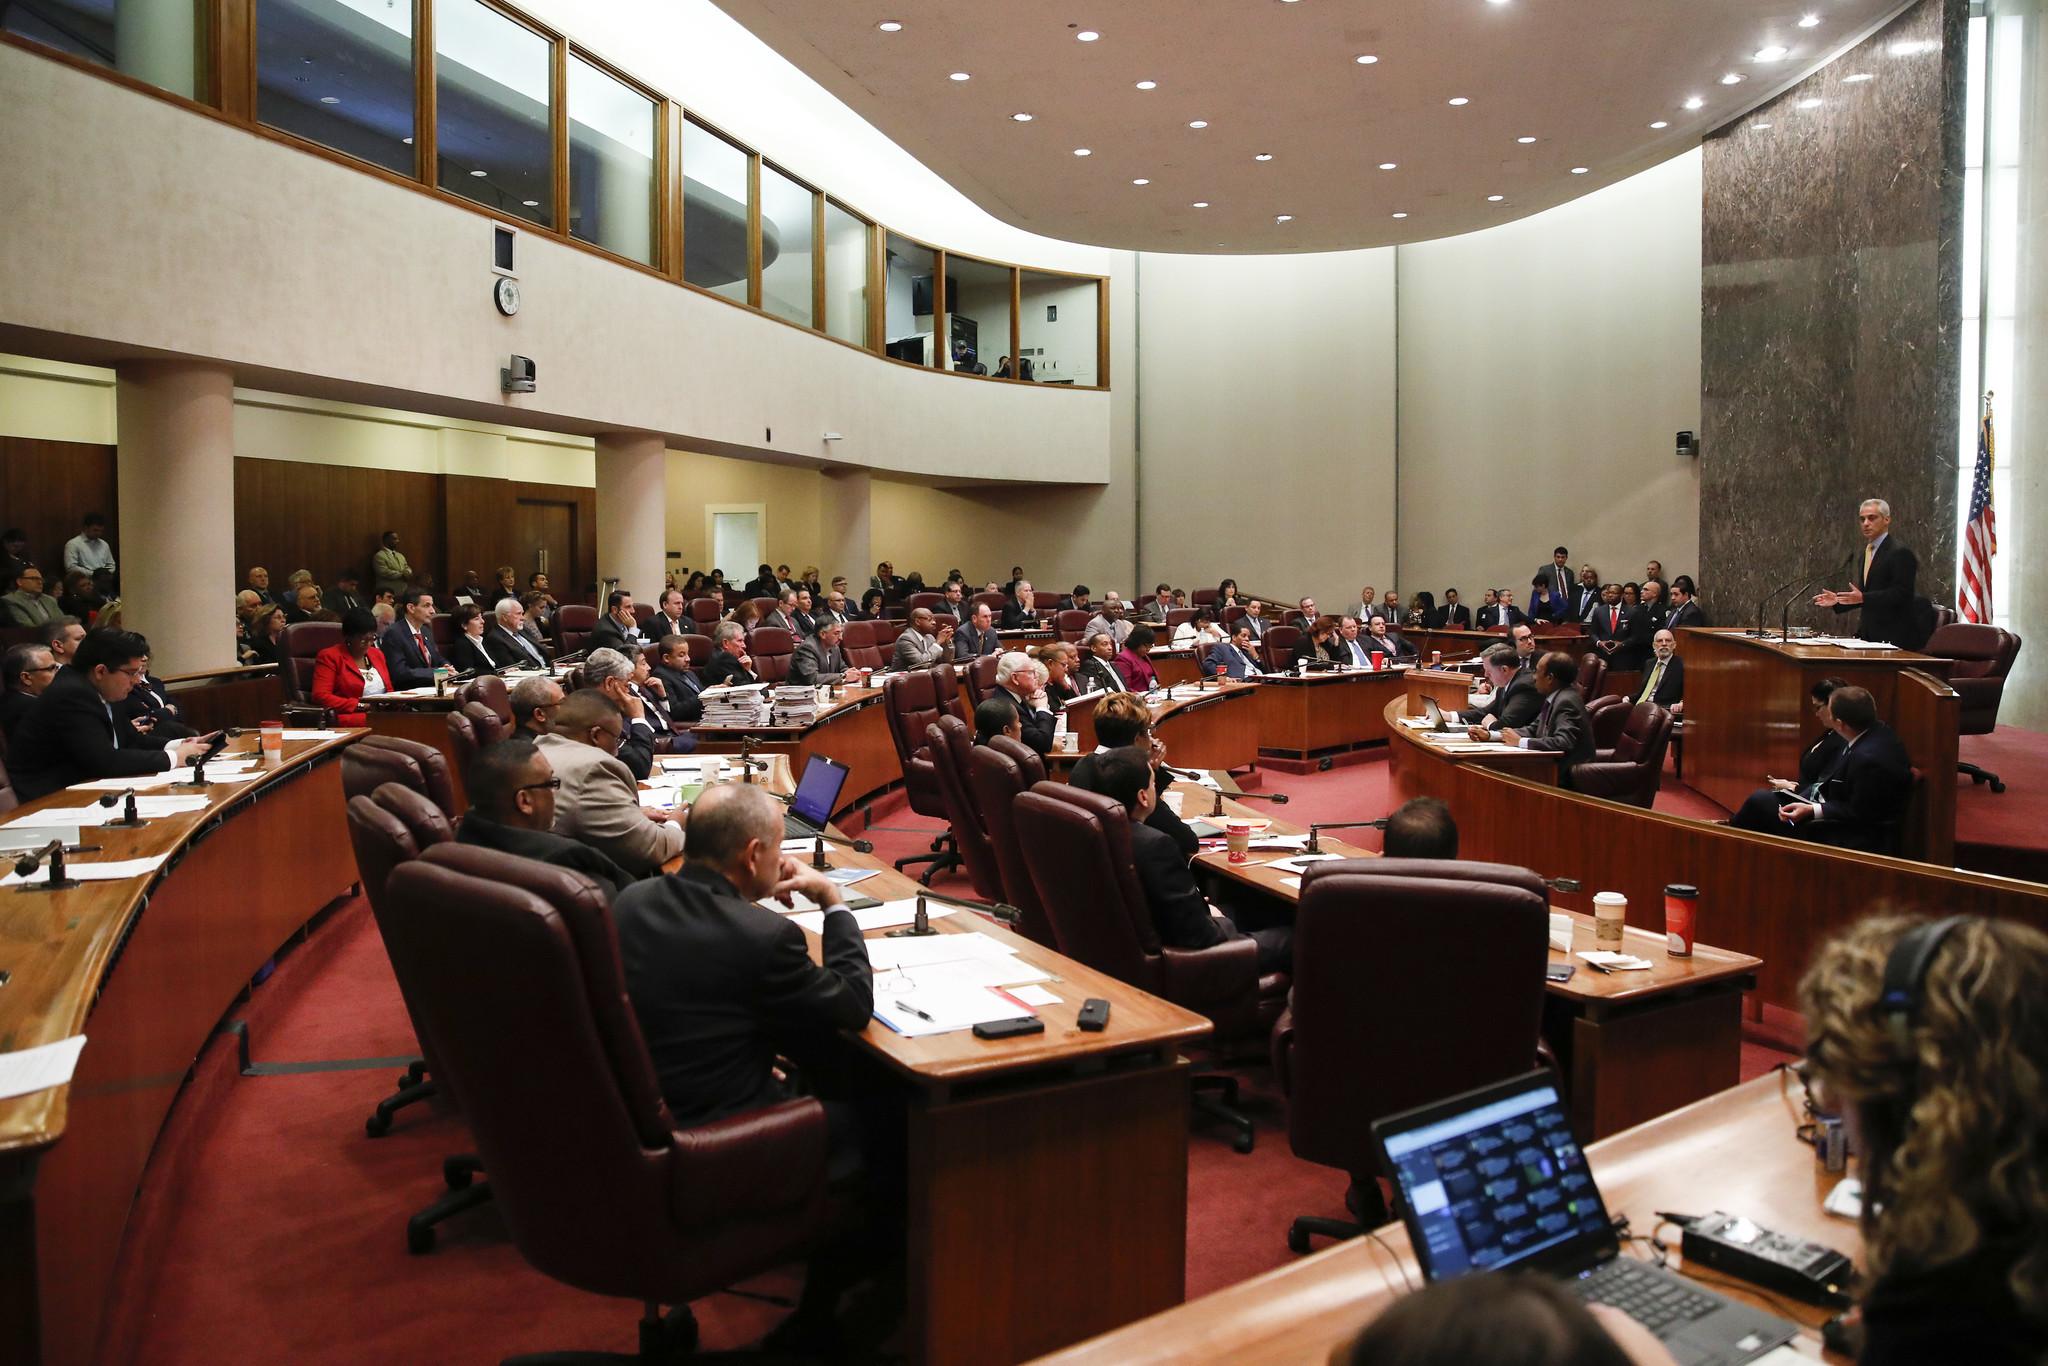 City Council Must Allow Public Comment, Judge Rules